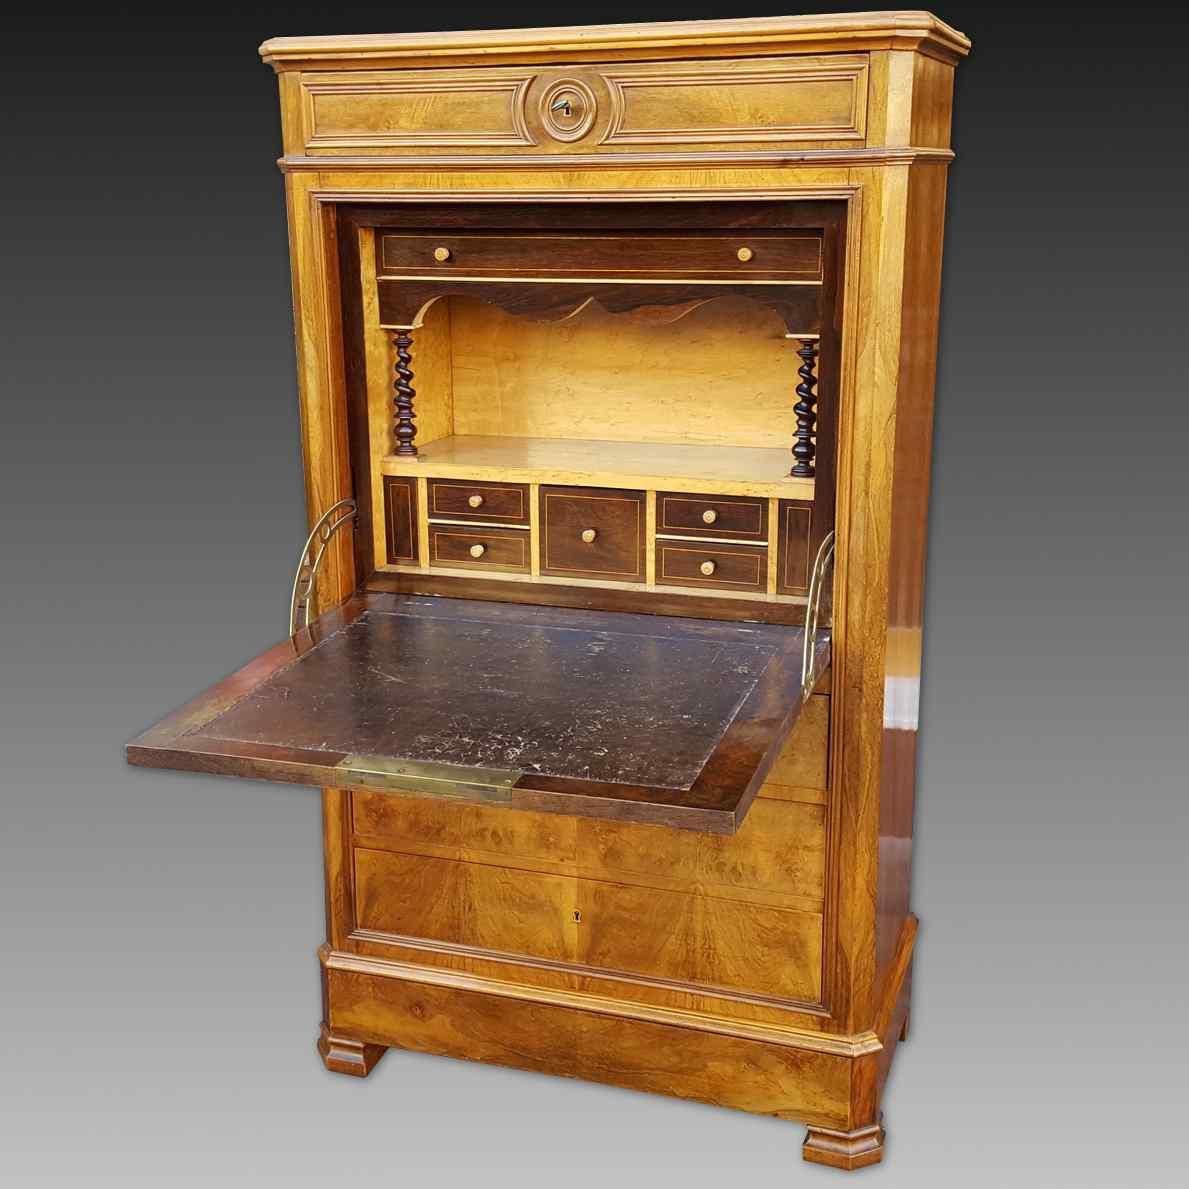 ancien secretaire louis philippe en noyer 19 me si cle. Black Bedroom Furniture Sets. Home Design Ideas